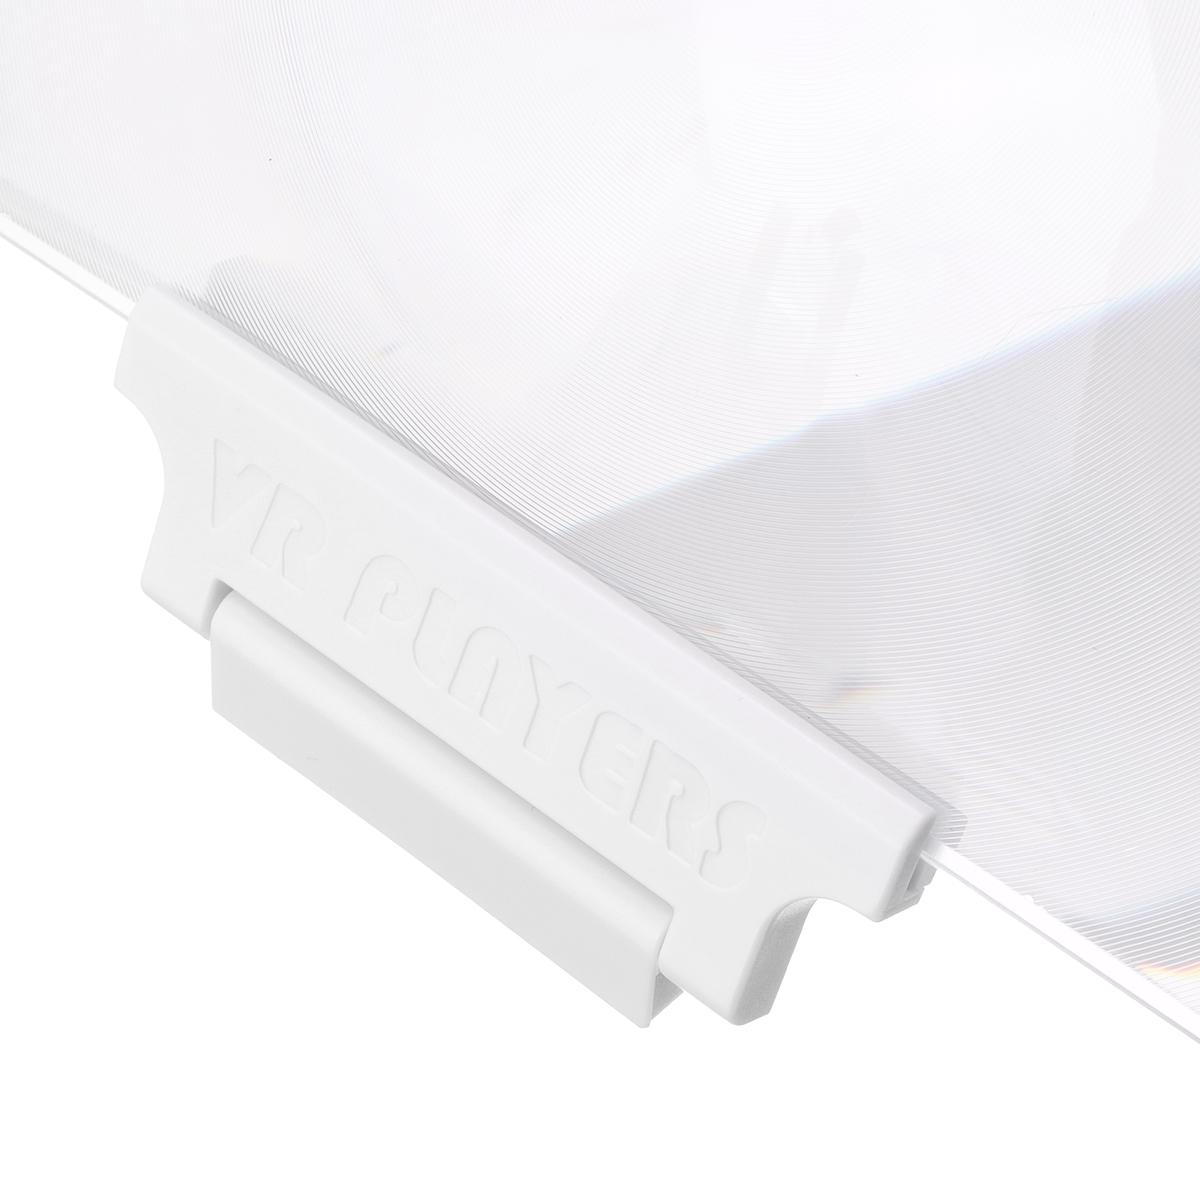 12'' Smart Phone Screen Maganifier Display 3D HD Screen Amplifier Stand Bracket